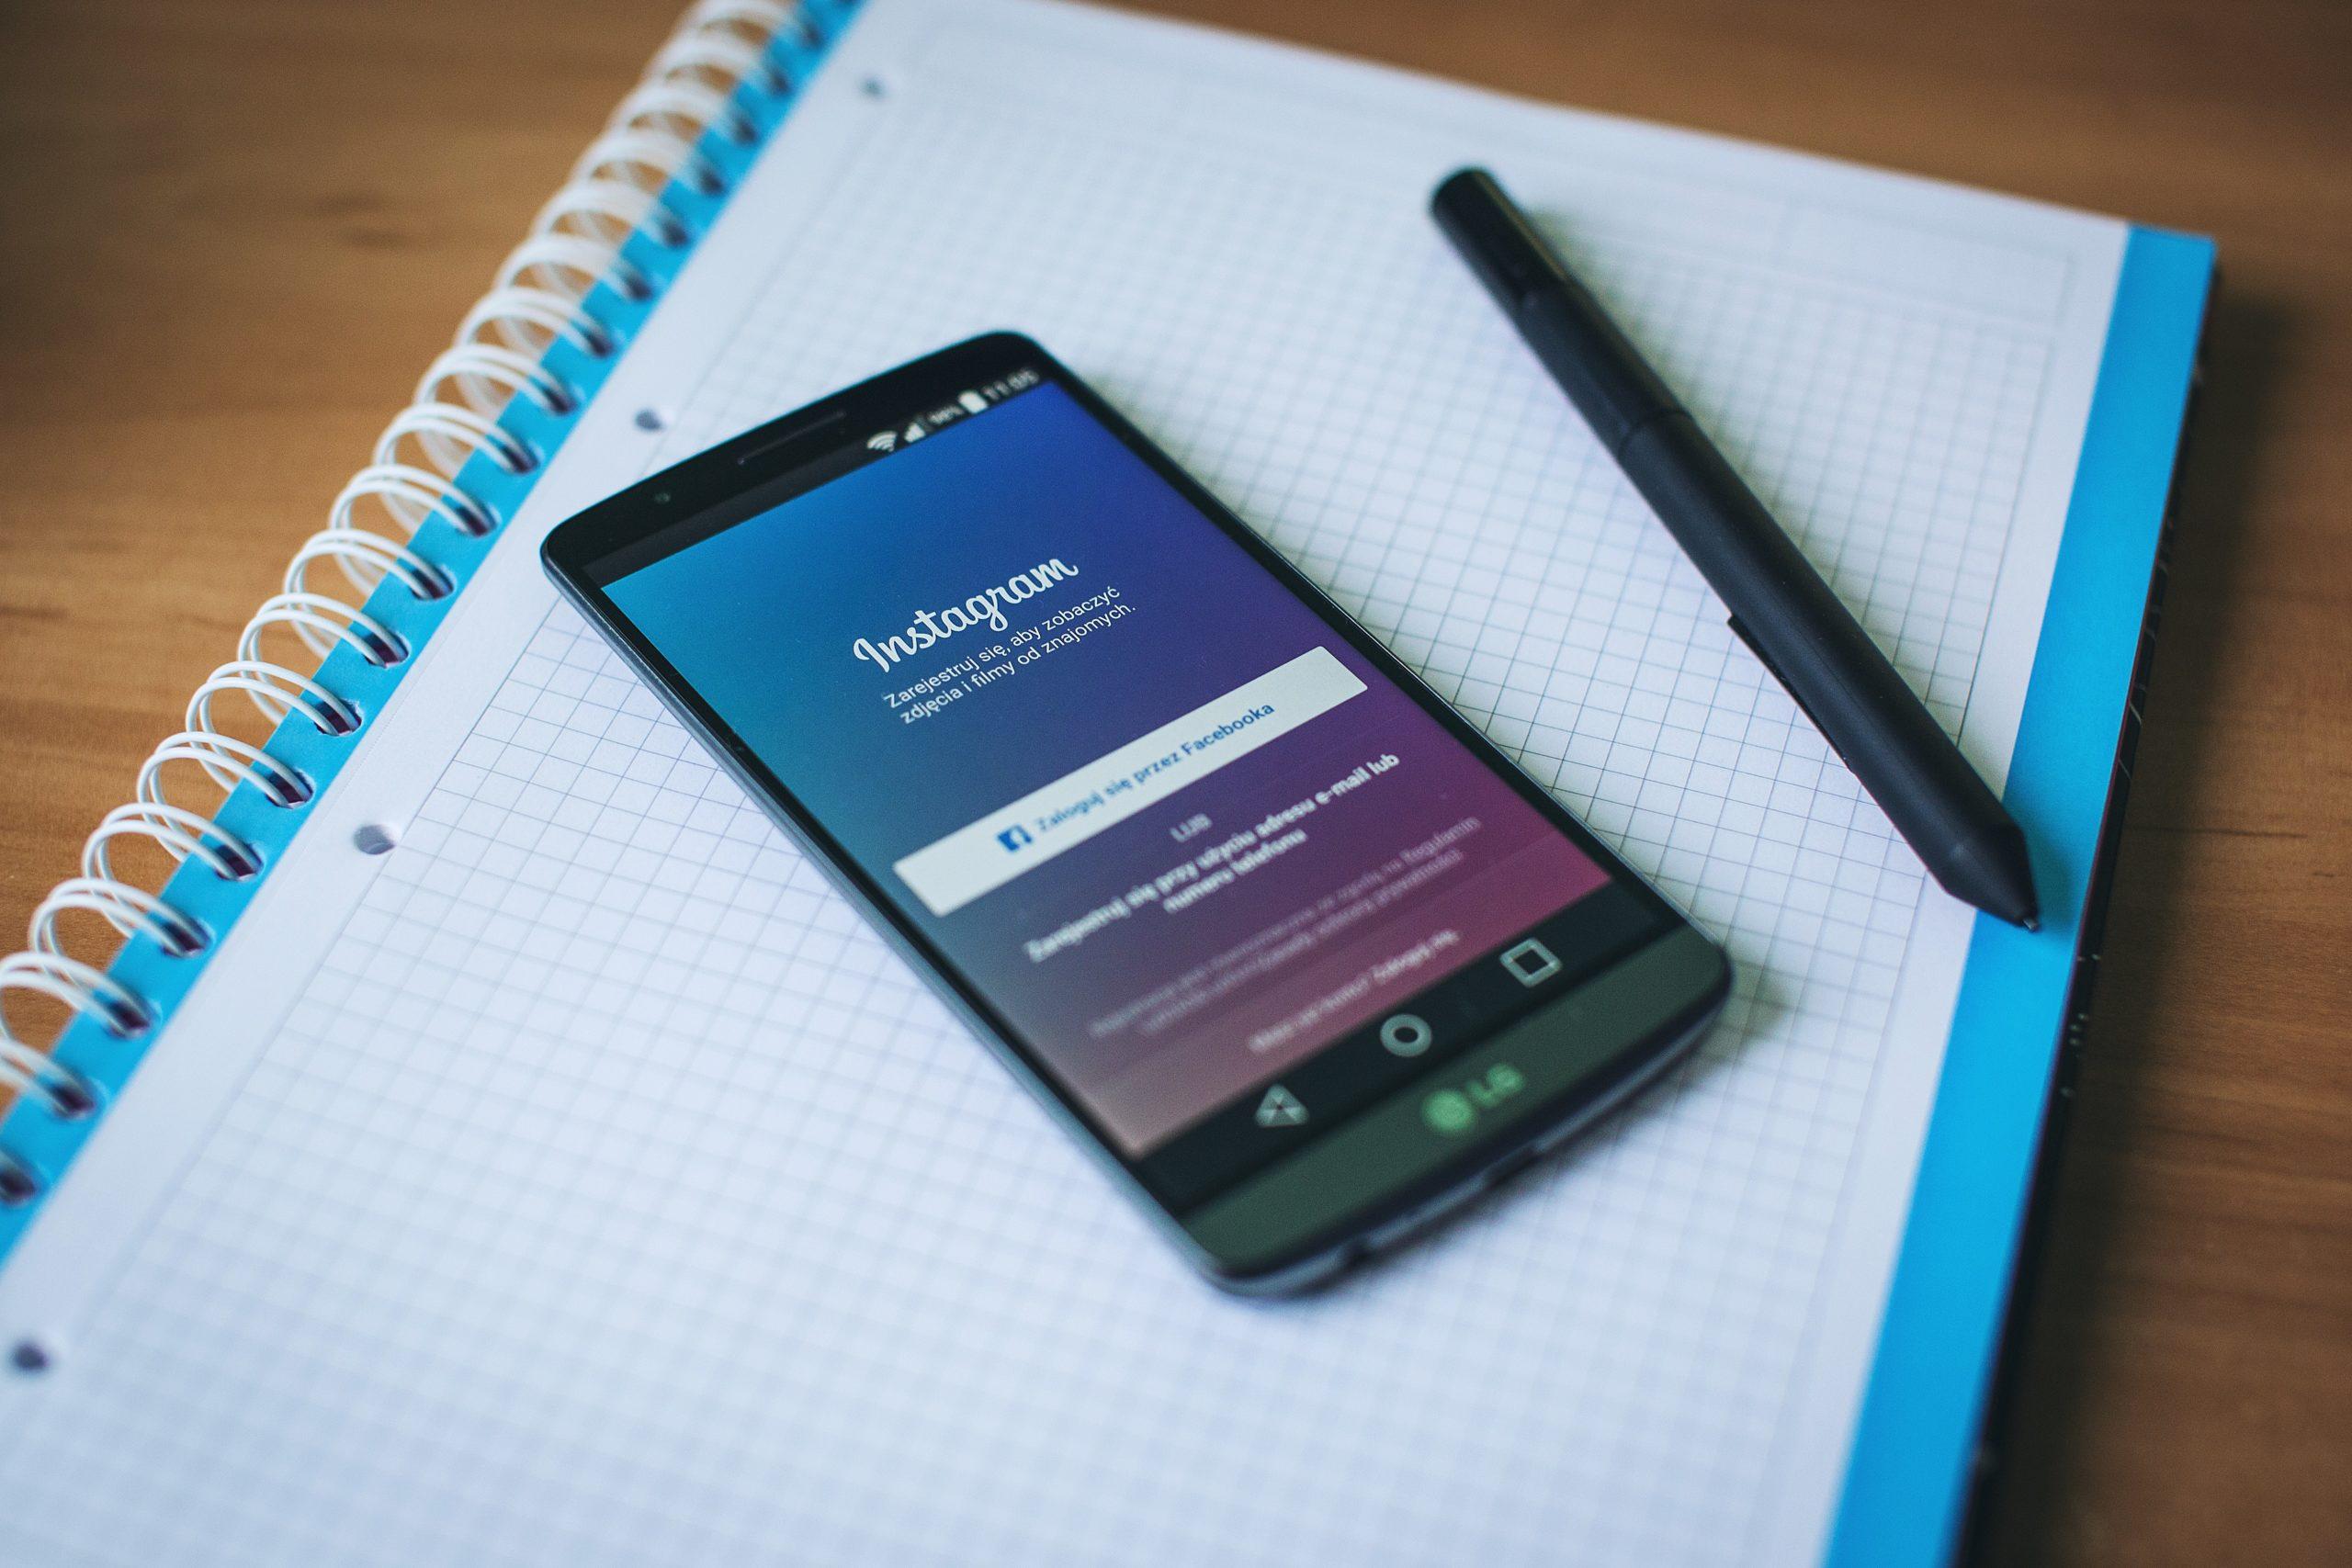 Cara Memaksimalkan Penjualan dengan Instagram